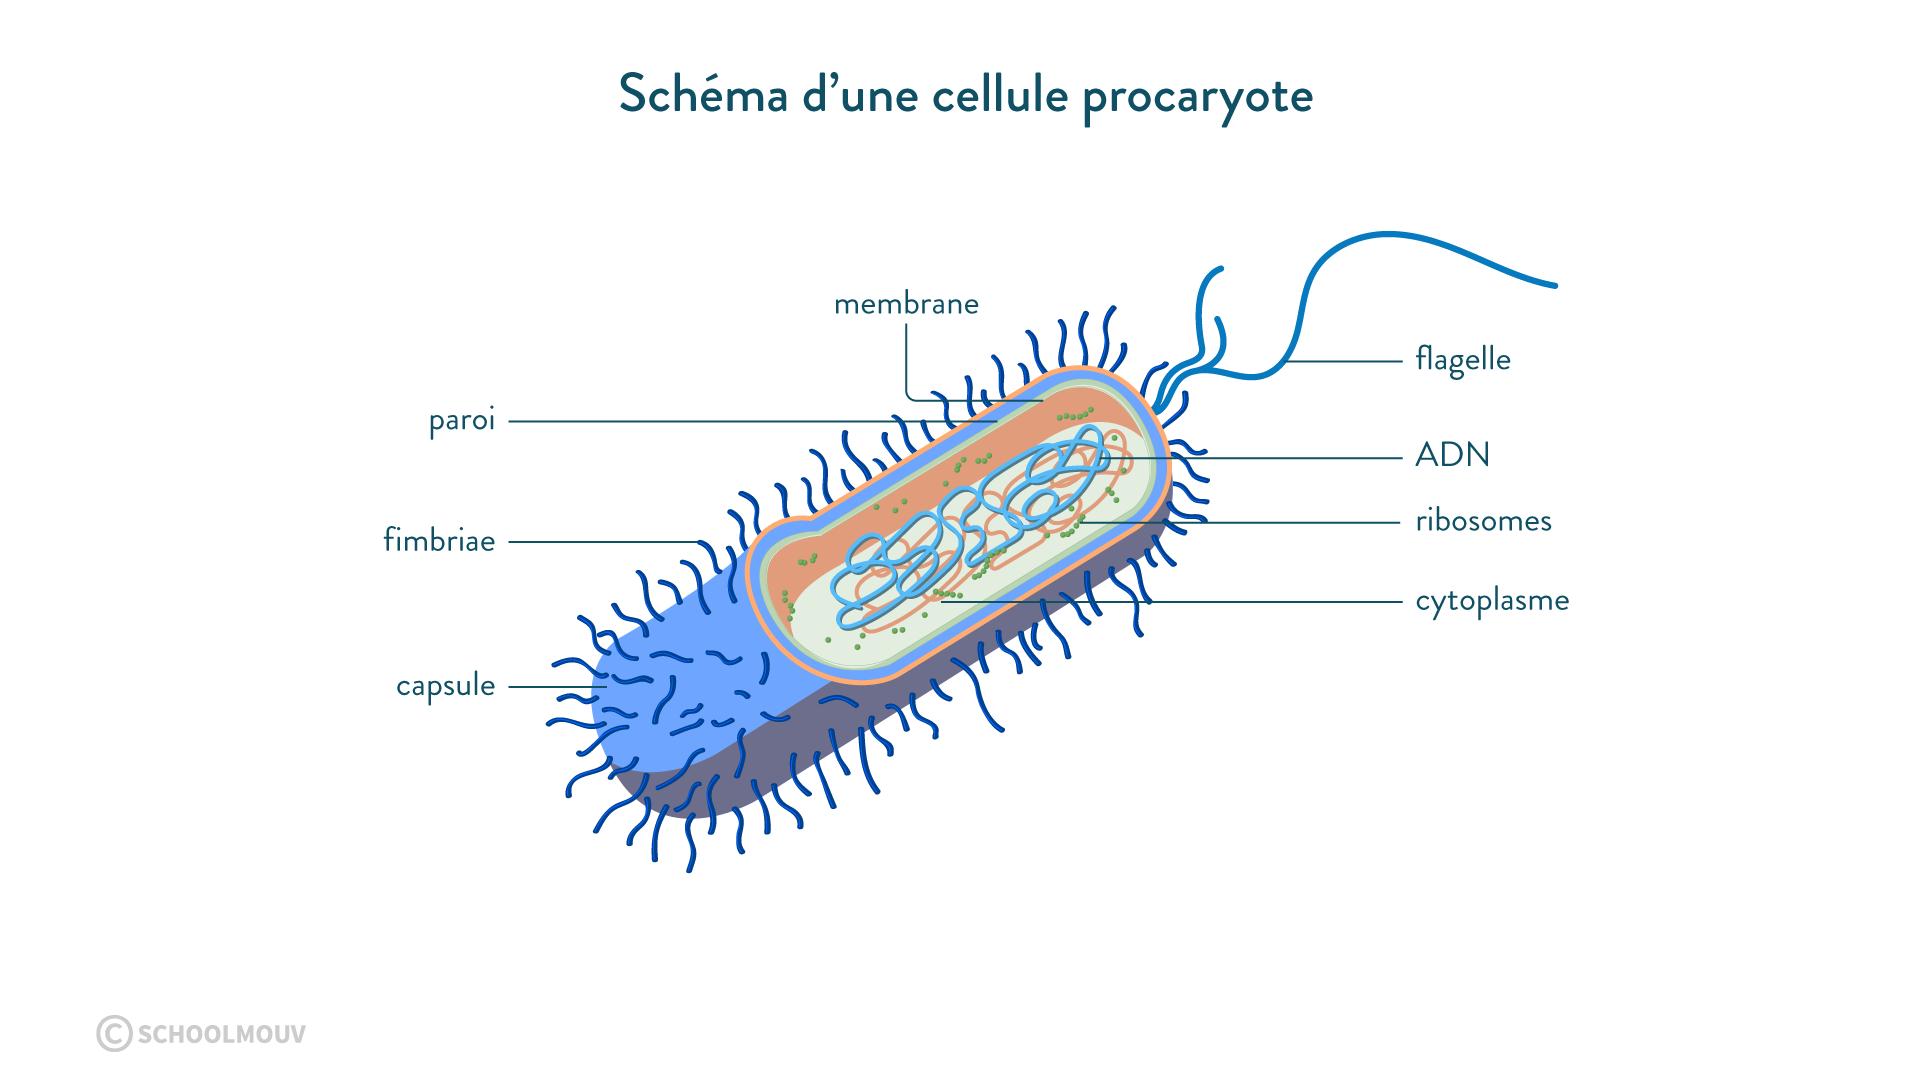 Schéma d'une cellule procaryote